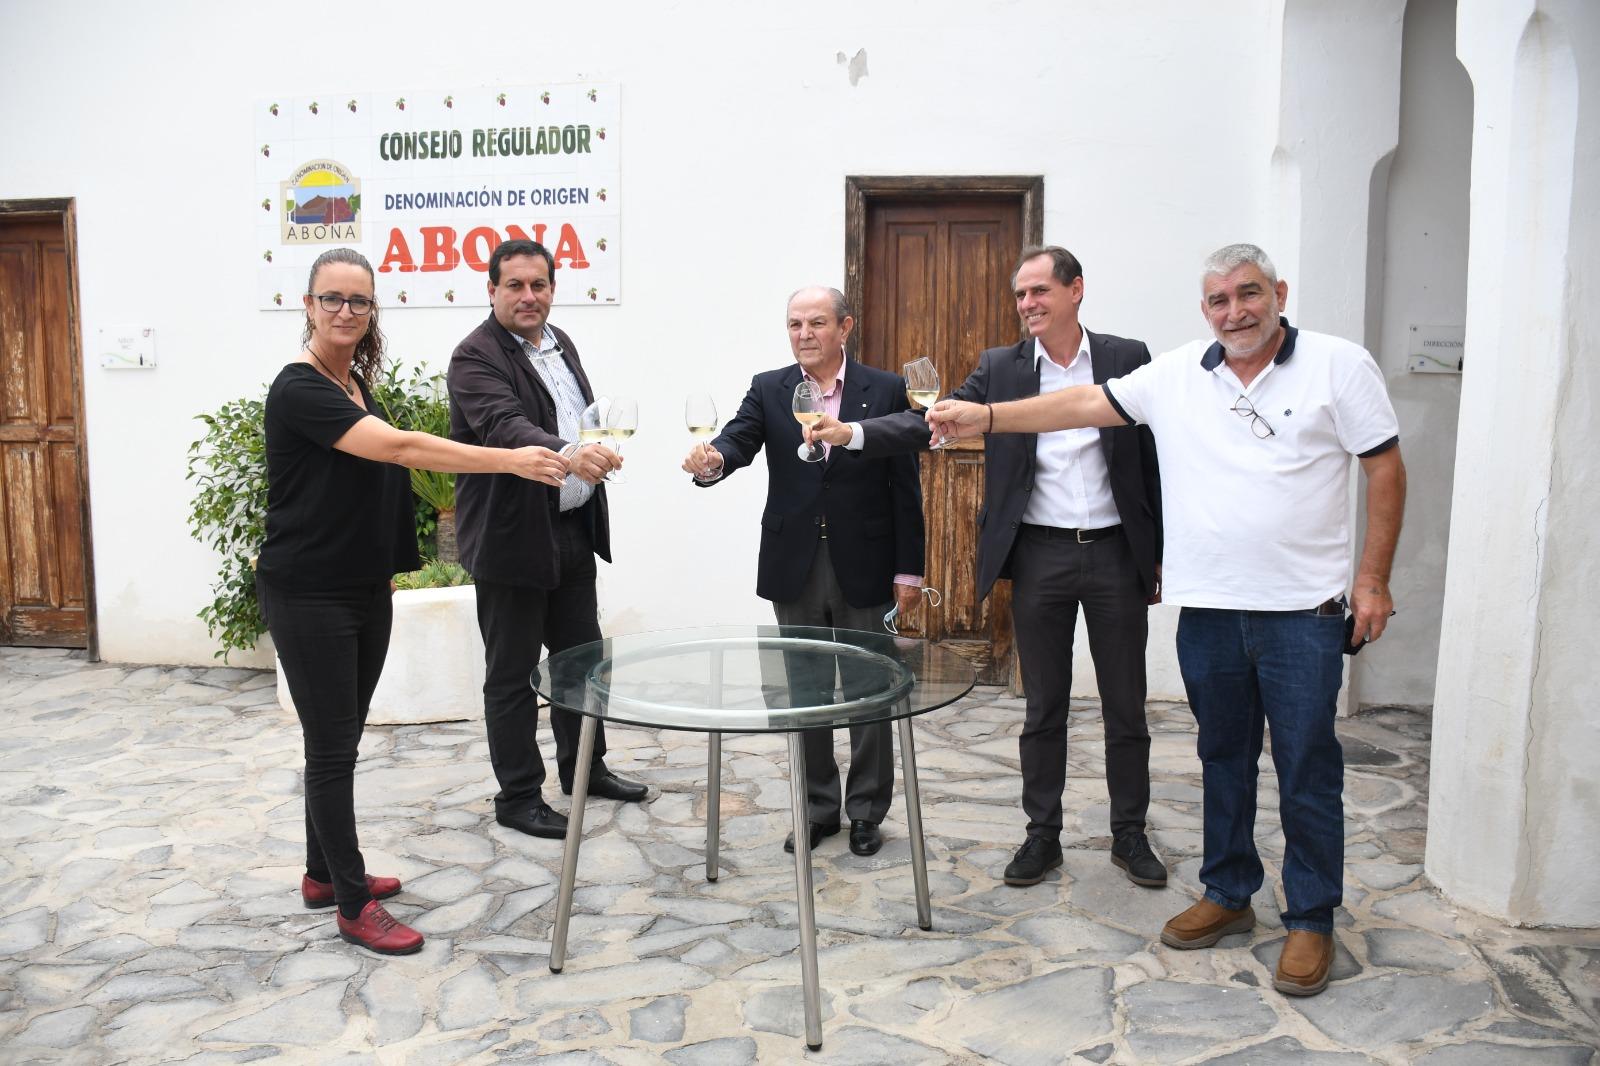 La Denominación de Origen de Vinos Abona presenta el curso de gestión de visitas guiadas en bodega